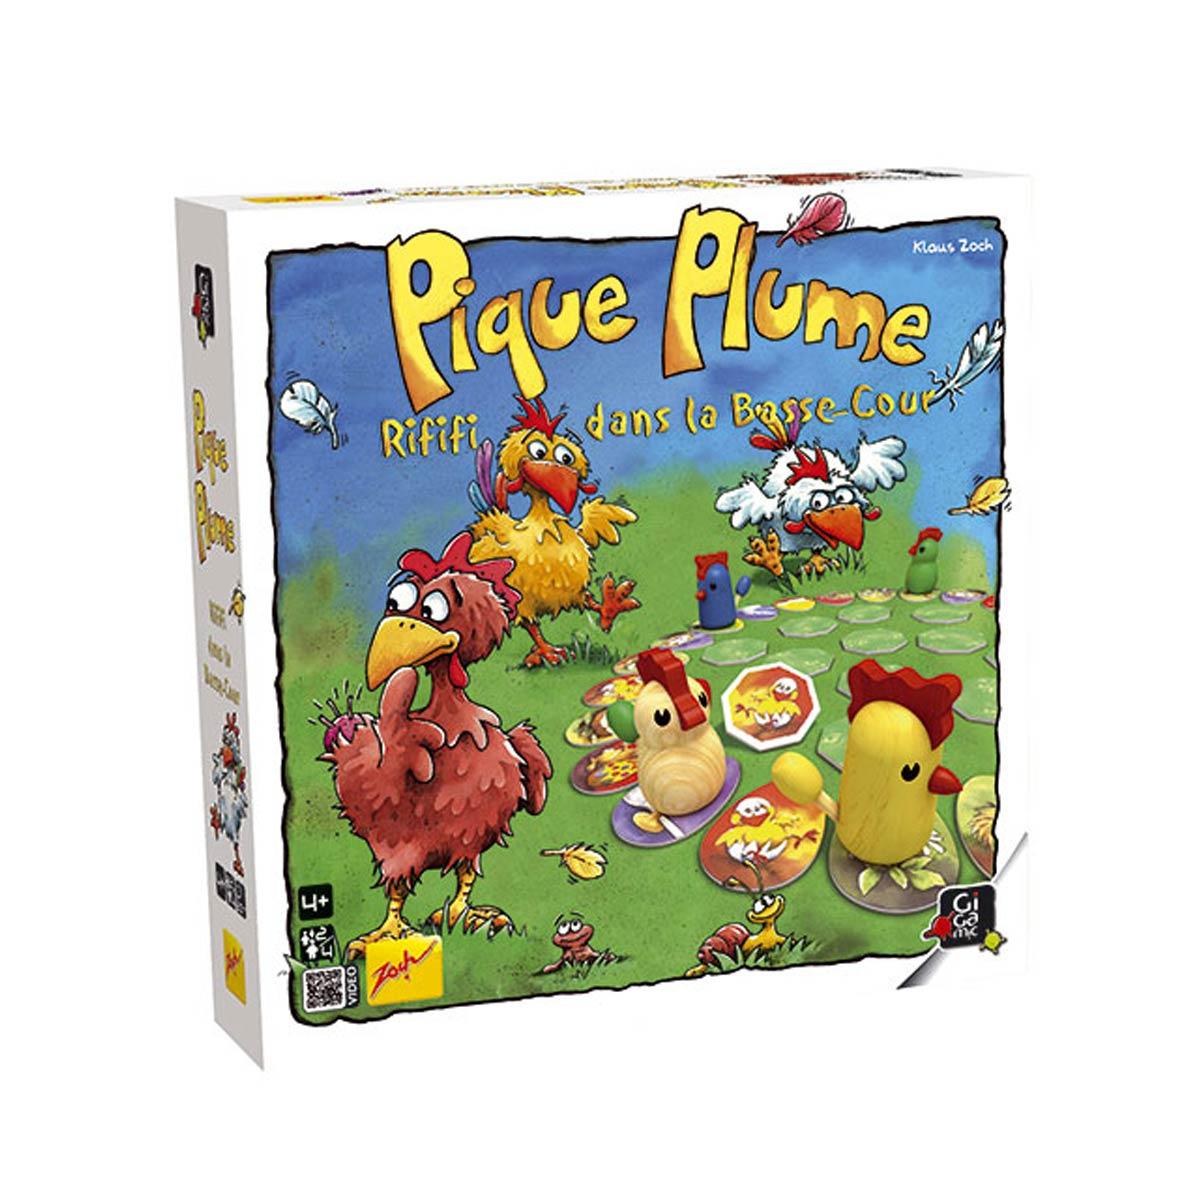 Jeux De Fille 4 Ans Gratuit - Primanyc à Jeux Fille 3 Ans Gratuits